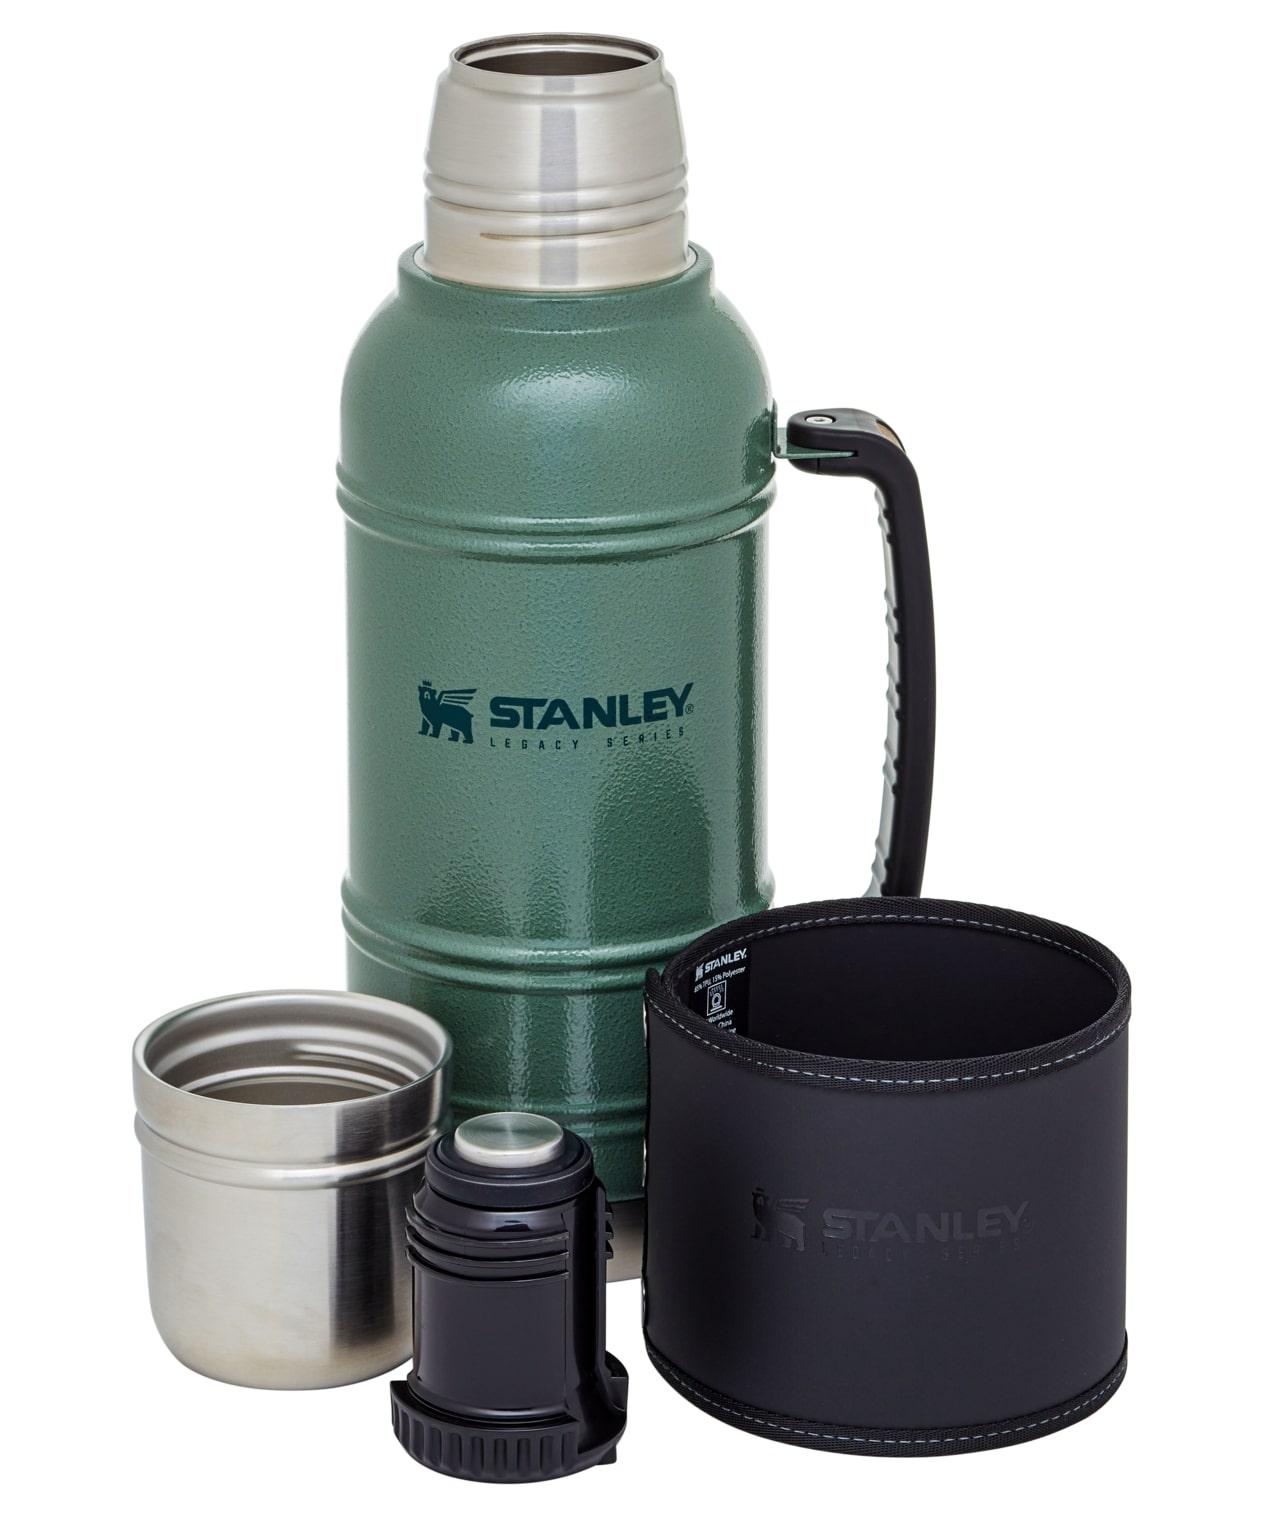 Bình Giữ Nhiệt Stanley Legacy Quadvac 1.4L – Green